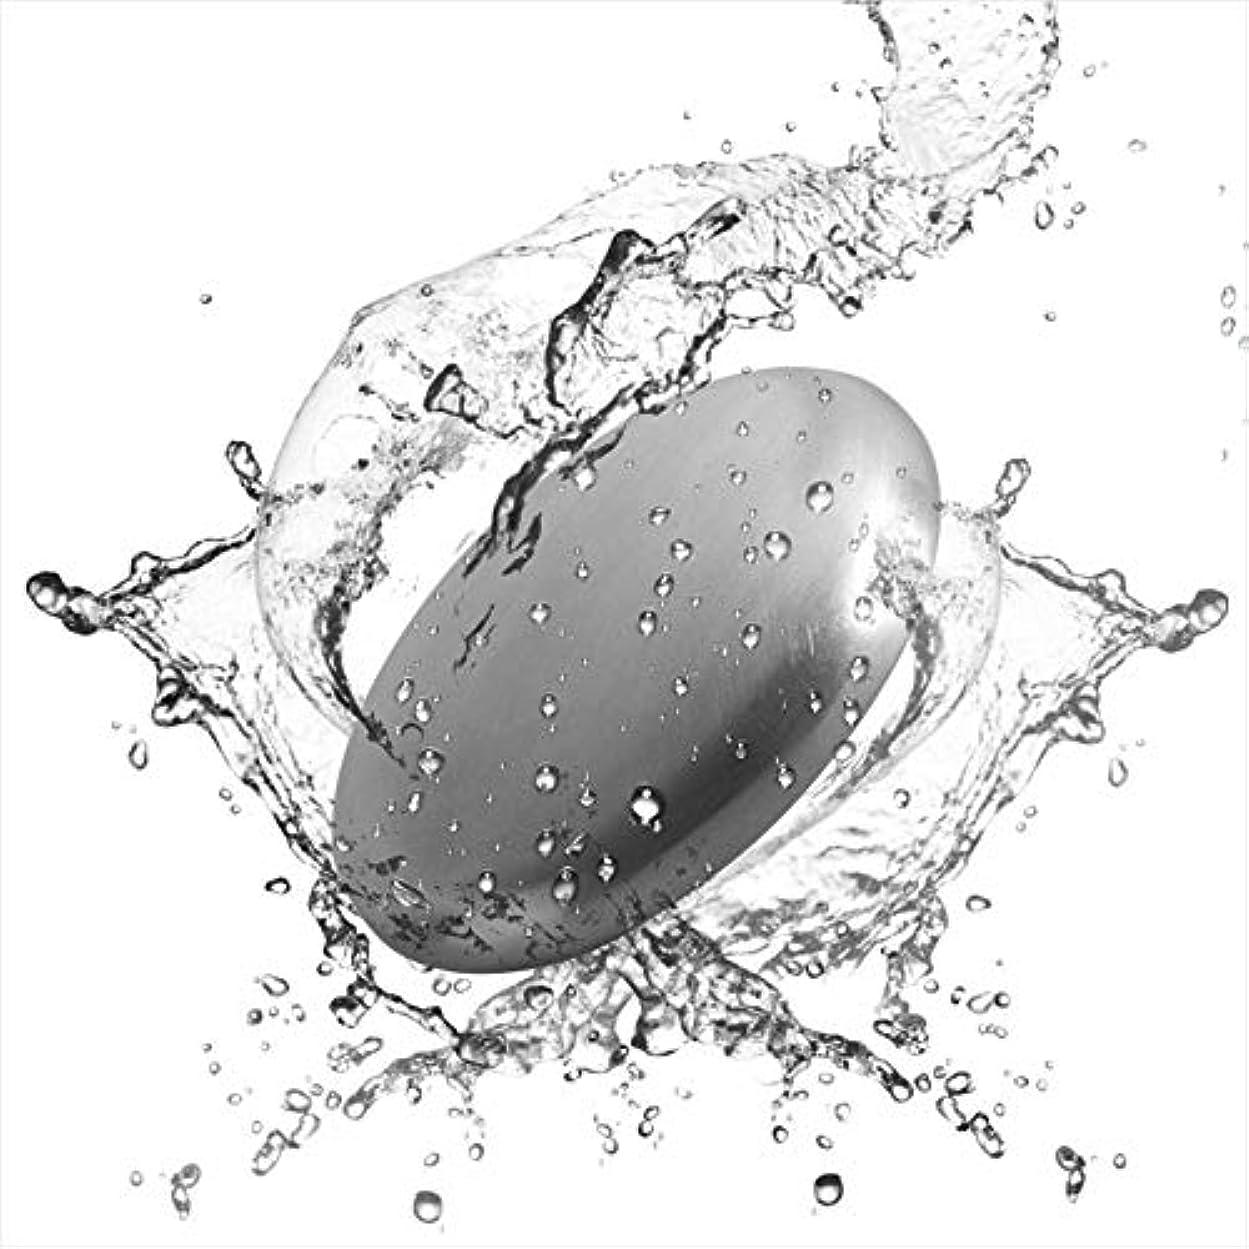 経験者メタン聖歌Refoiner ステンレス製品 ソープ 実用的な台所用具 石鹸 魚臭 玉ねぎやニンニク 異臭を取り除く 2個